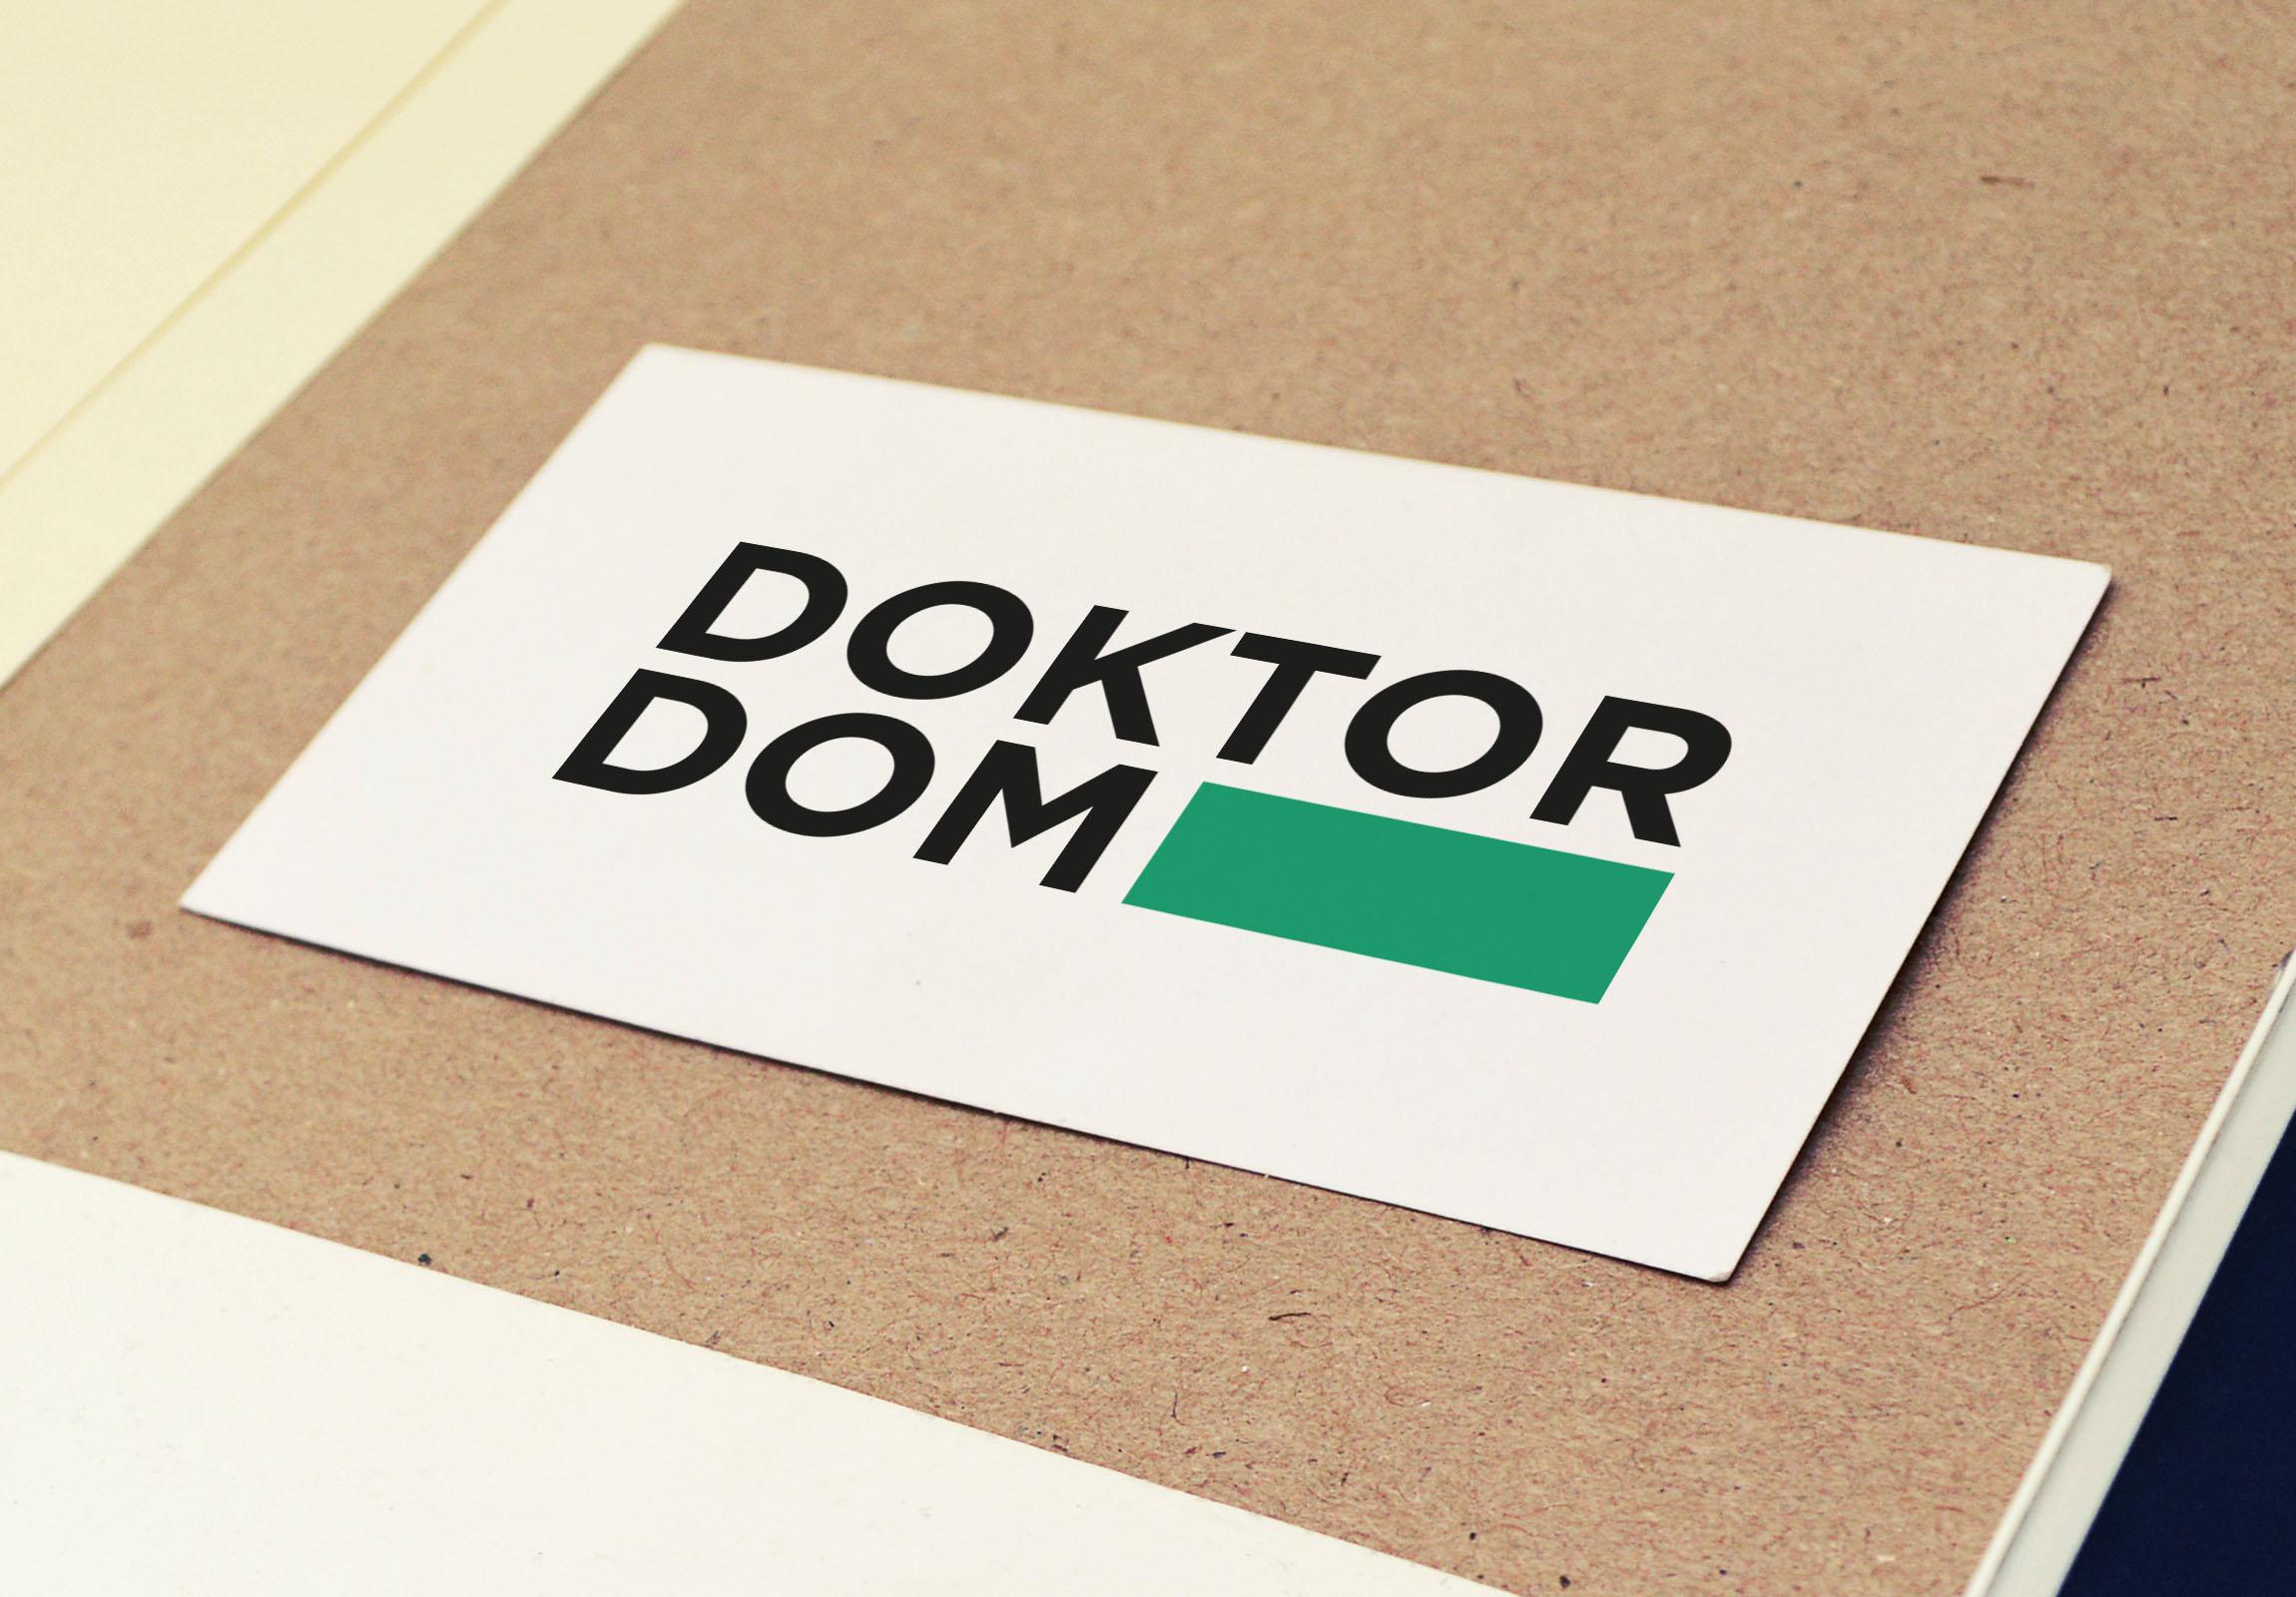 Разработать логотип для сети магазинов бытовой химии и товаров для уборки фото f_4665ffed9e91493e.jpg